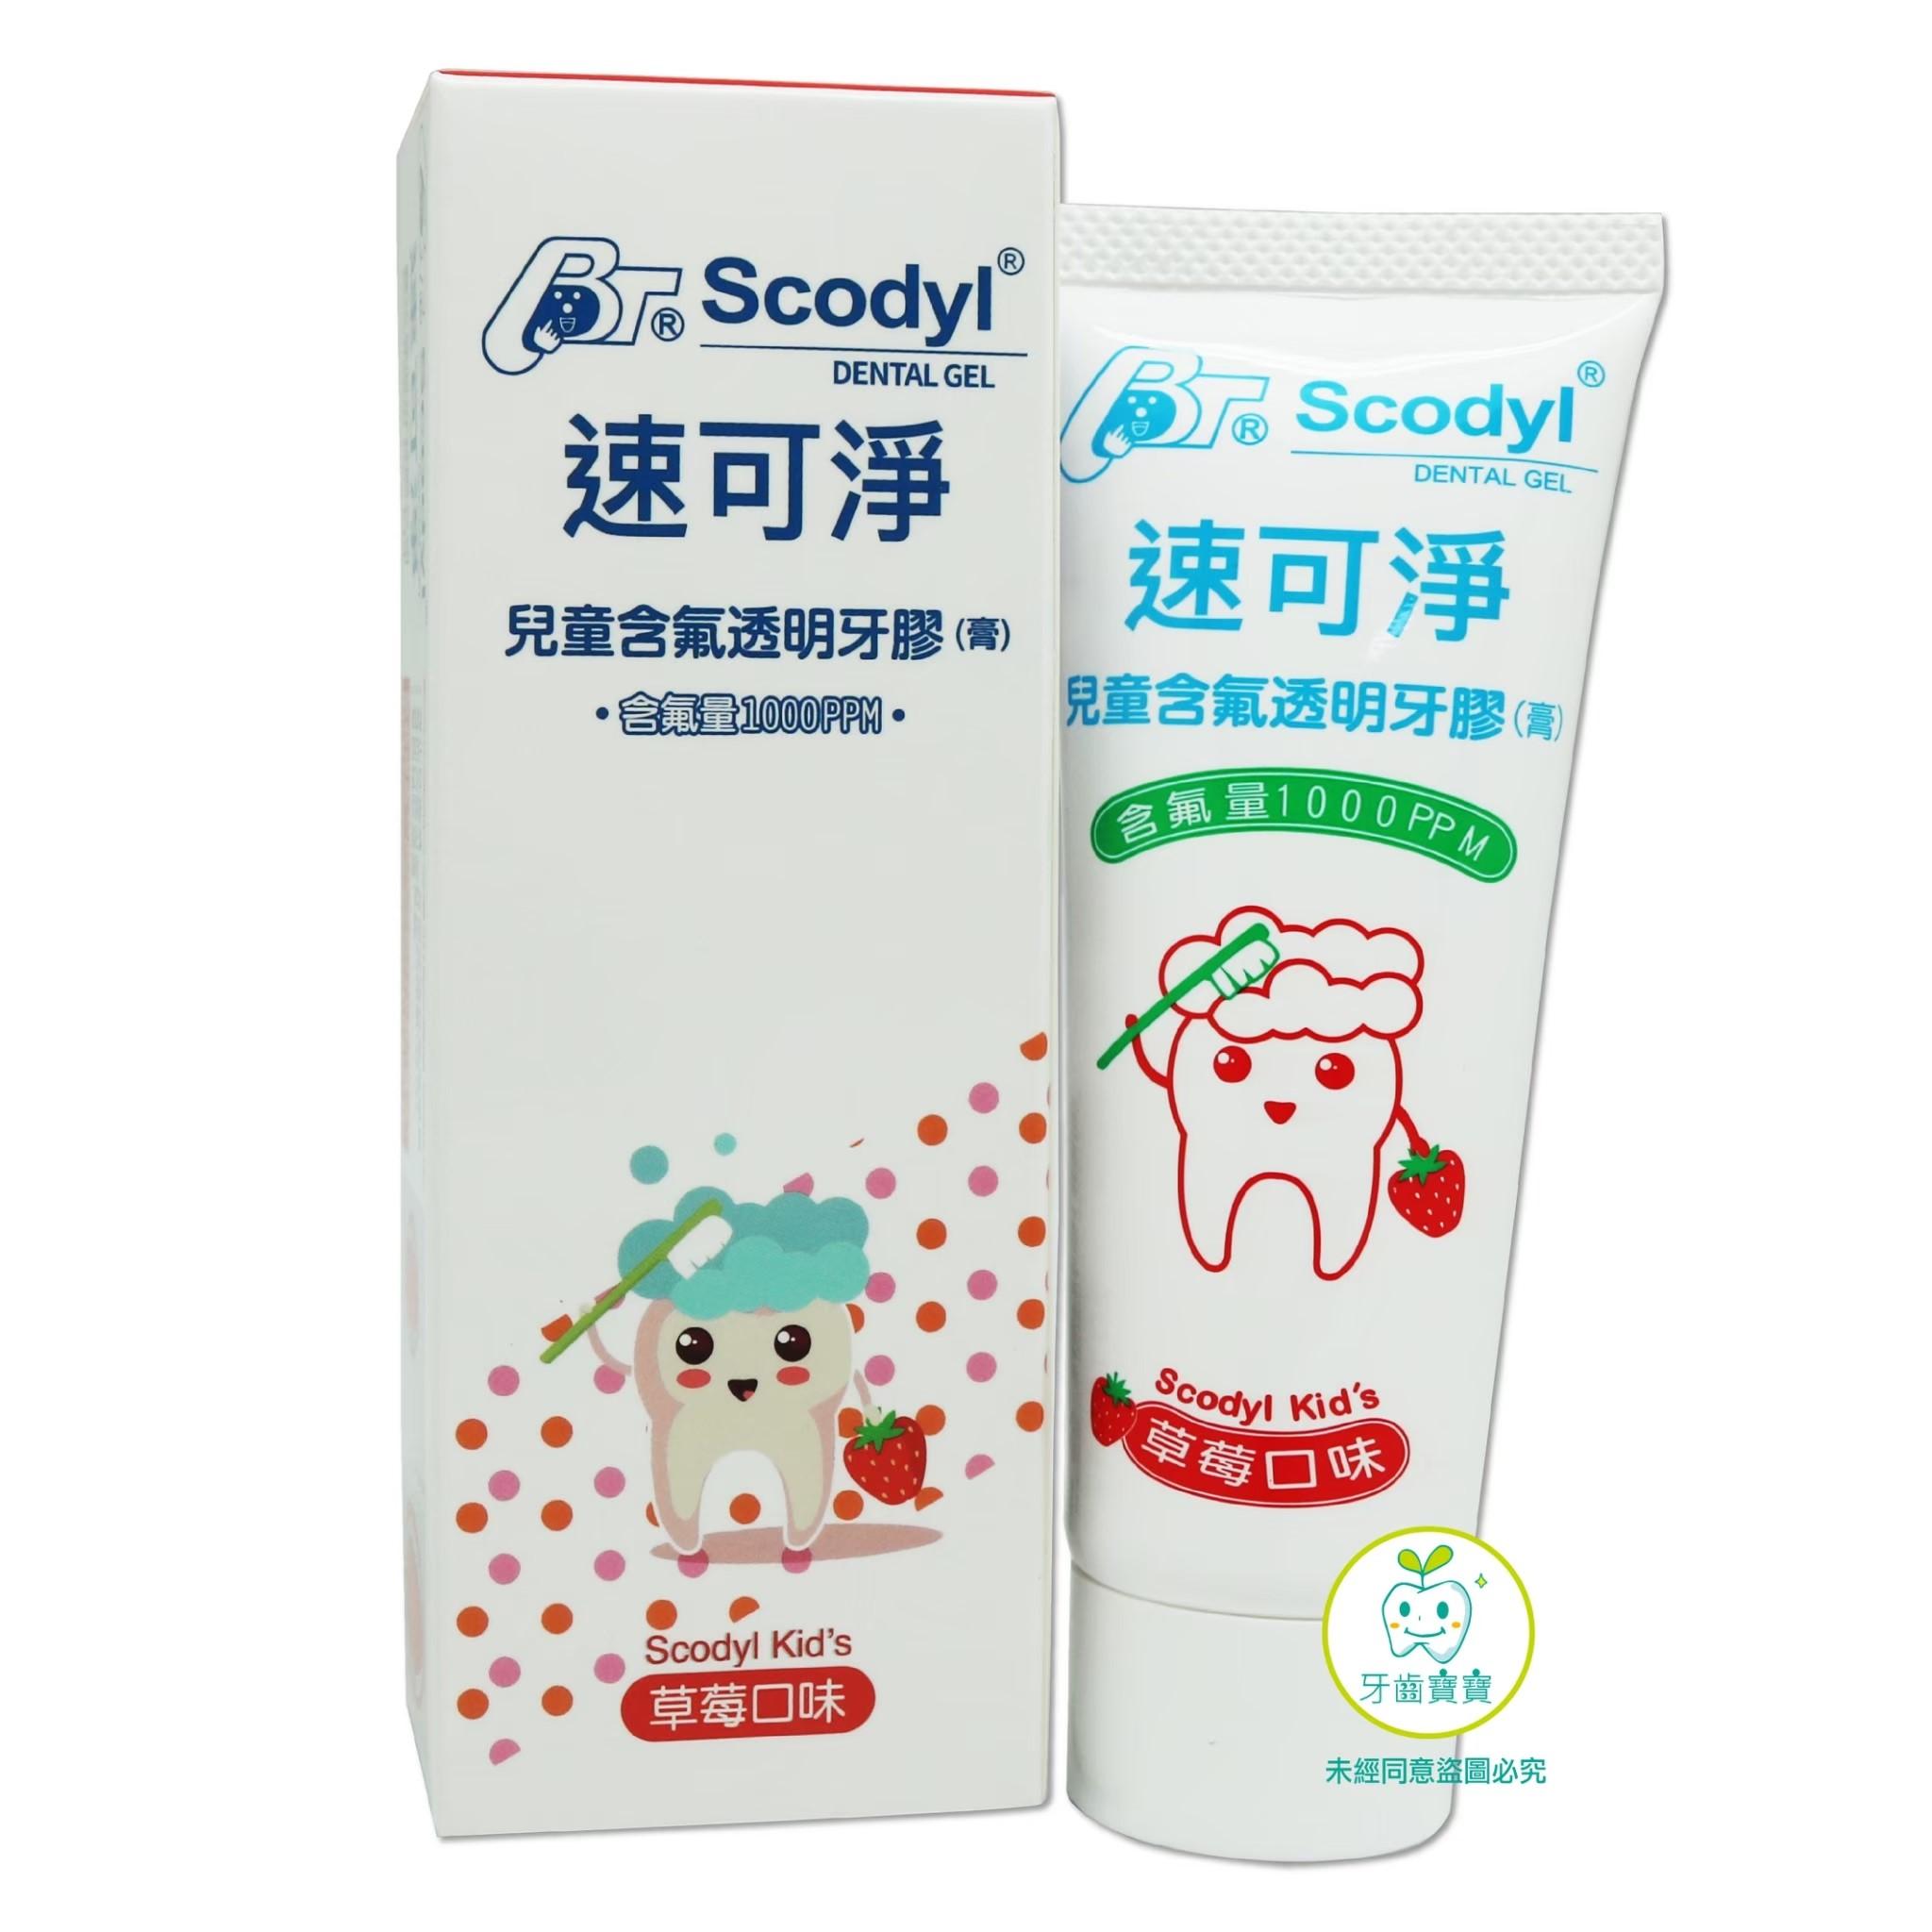 速可淨 Scodyl 兒童含氟牙膏(膠) 含氟量1000ppm 90g